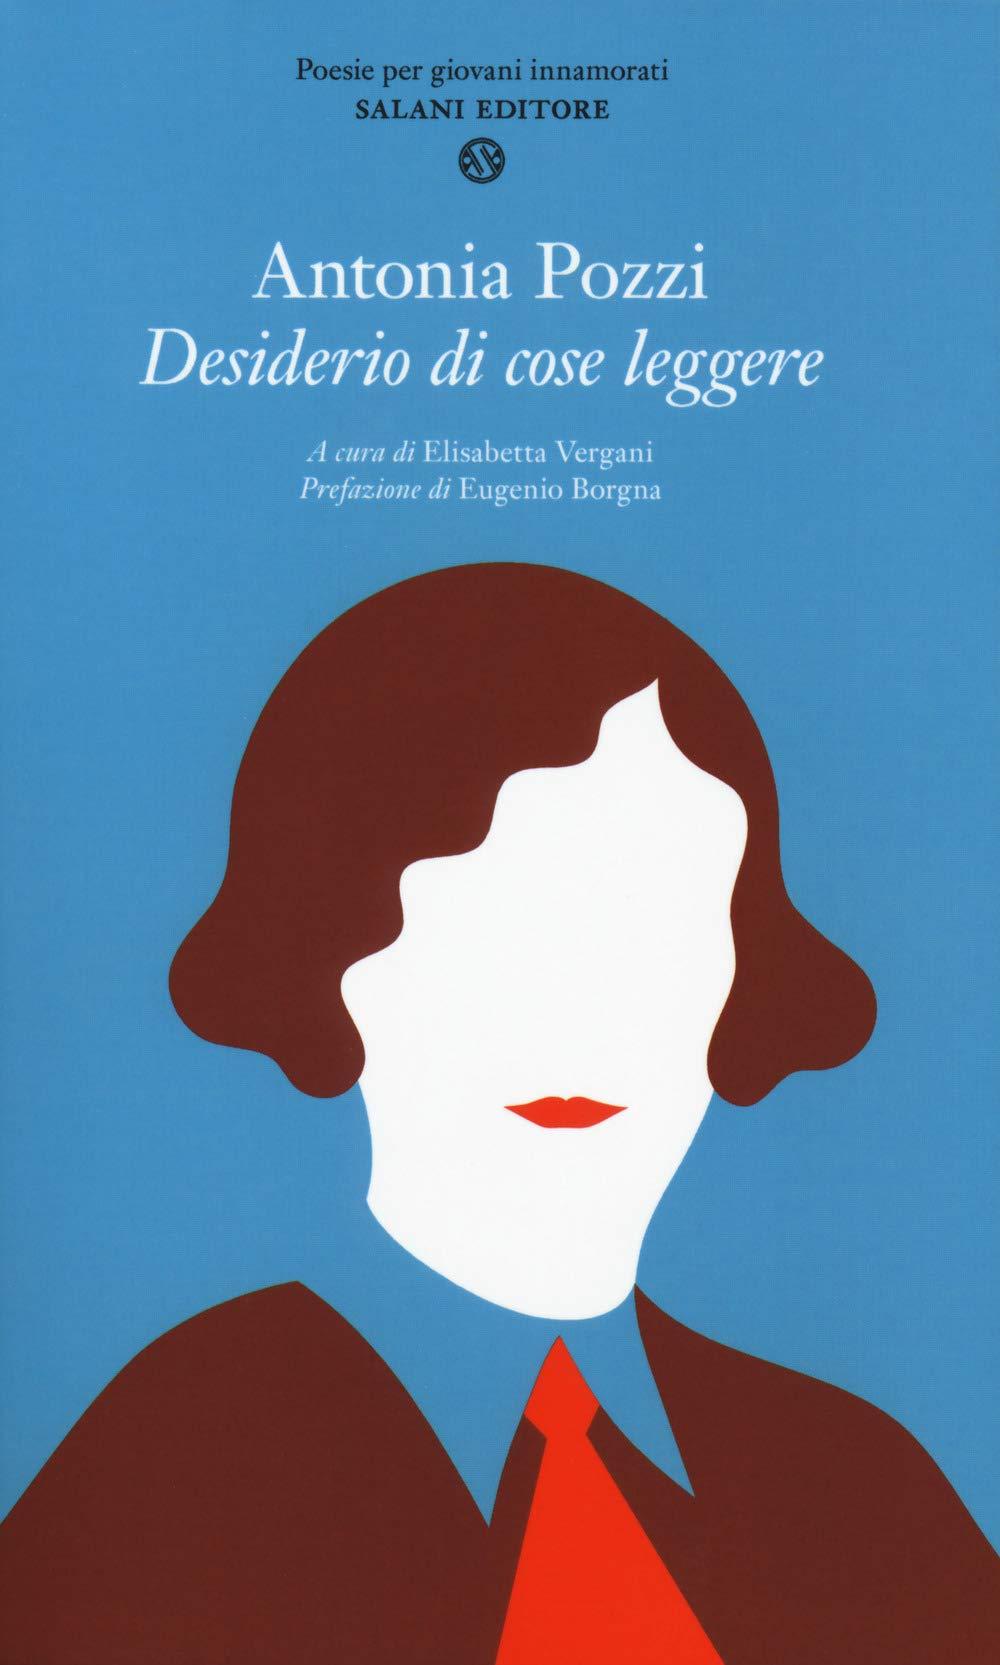 Antonia Pozzi - Desiderio di cose leggere - Salani